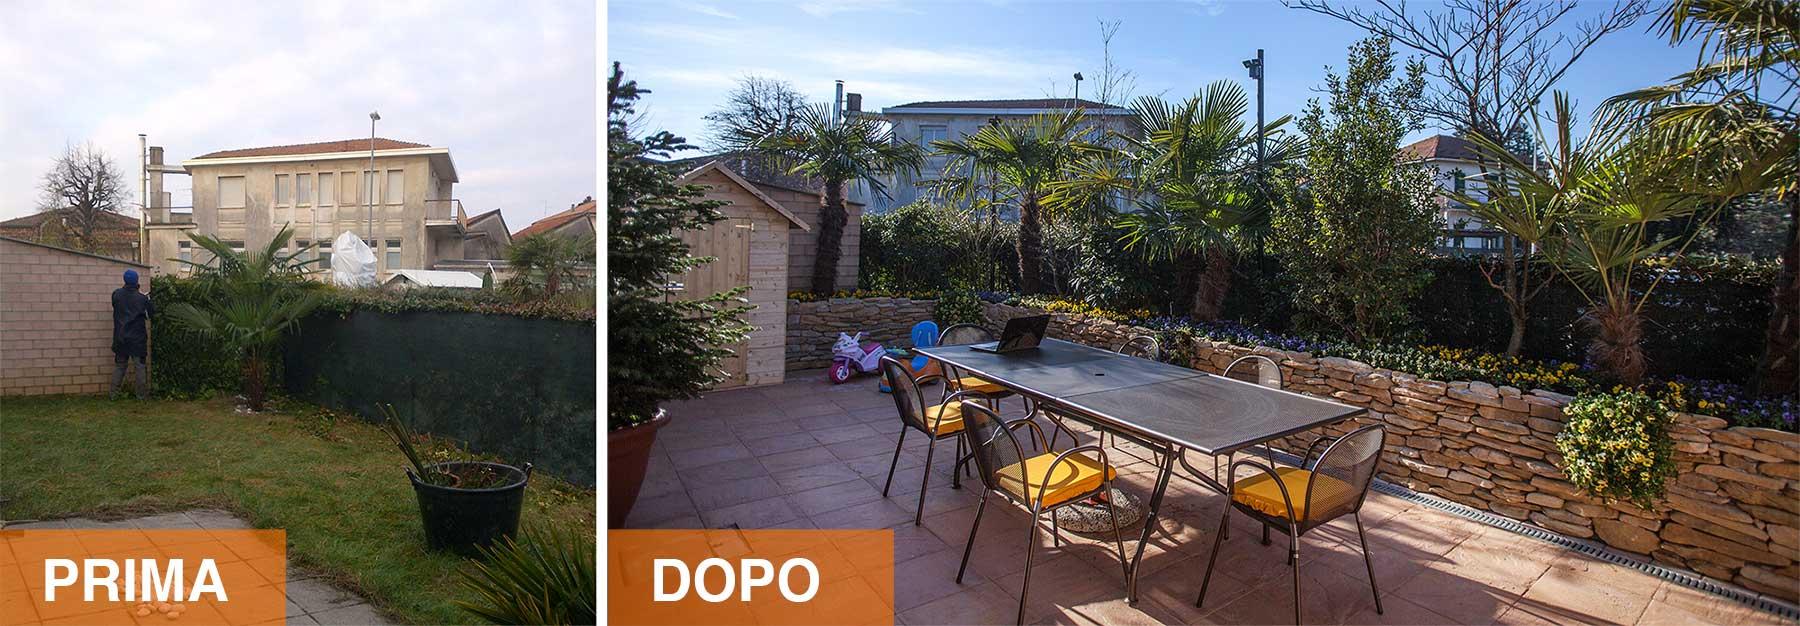 Servizi esclusivi progettazione design illuminazione e - Design giardini ...